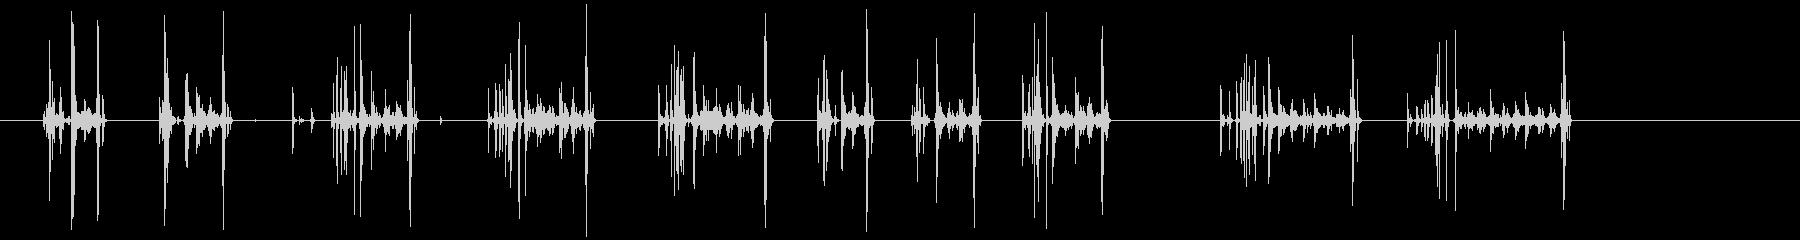 電話ダイヤルの未再生の波形